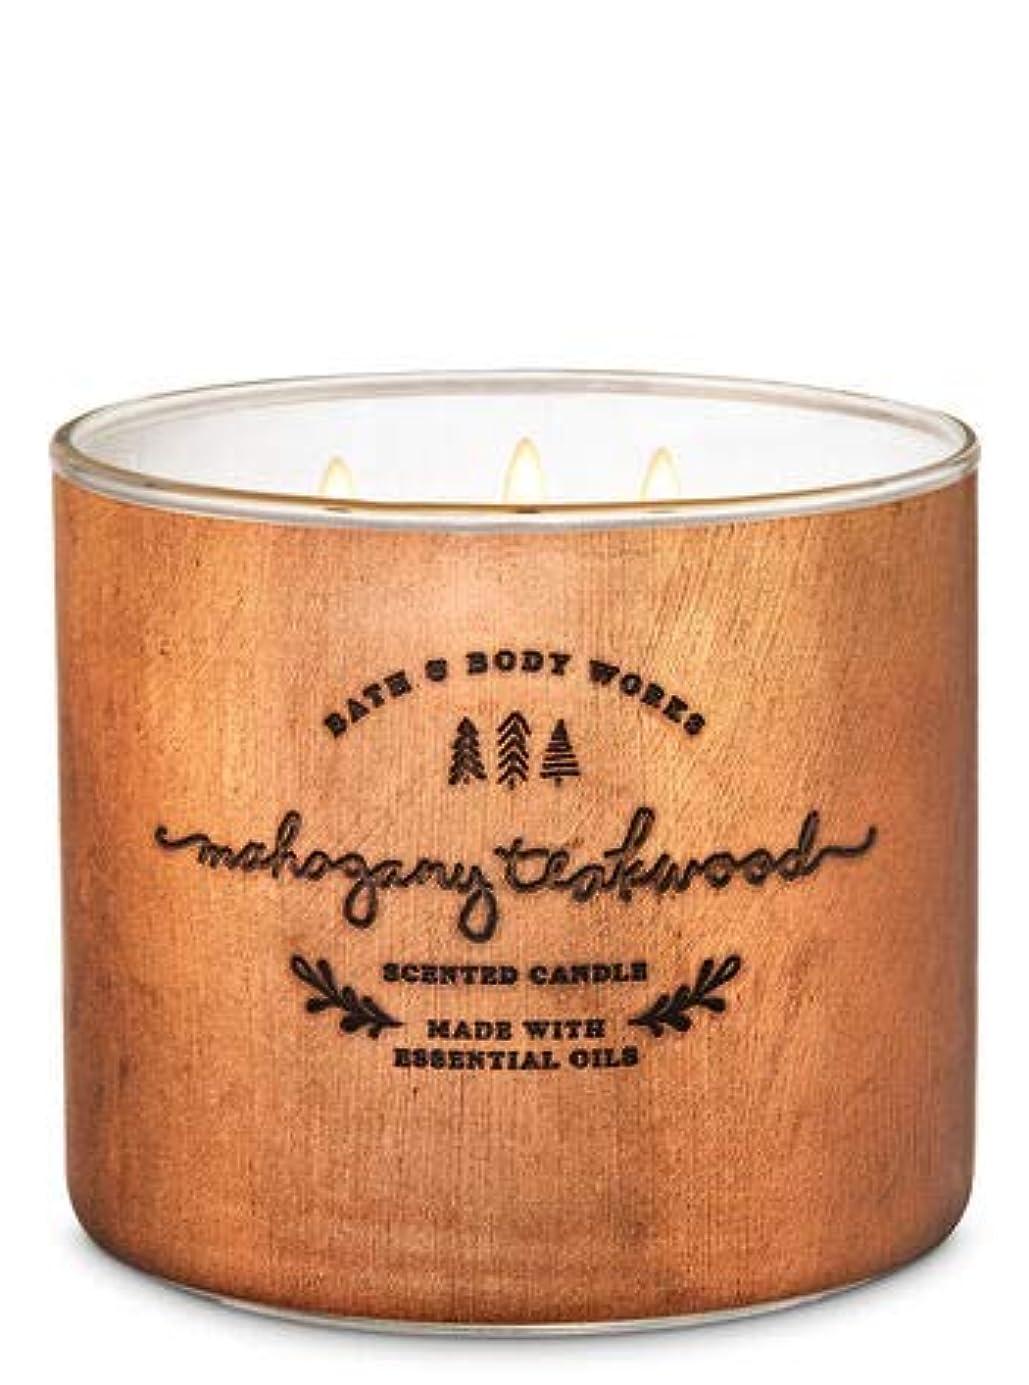 プレゼントパイロット願望【Bath&Body Works/バス&ボディワークス】 アロマキャンドル マホガニーティークウッド 3-Wick Scented Candle Mahogany Teakwood 14.5oz/411g [並行輸入品]